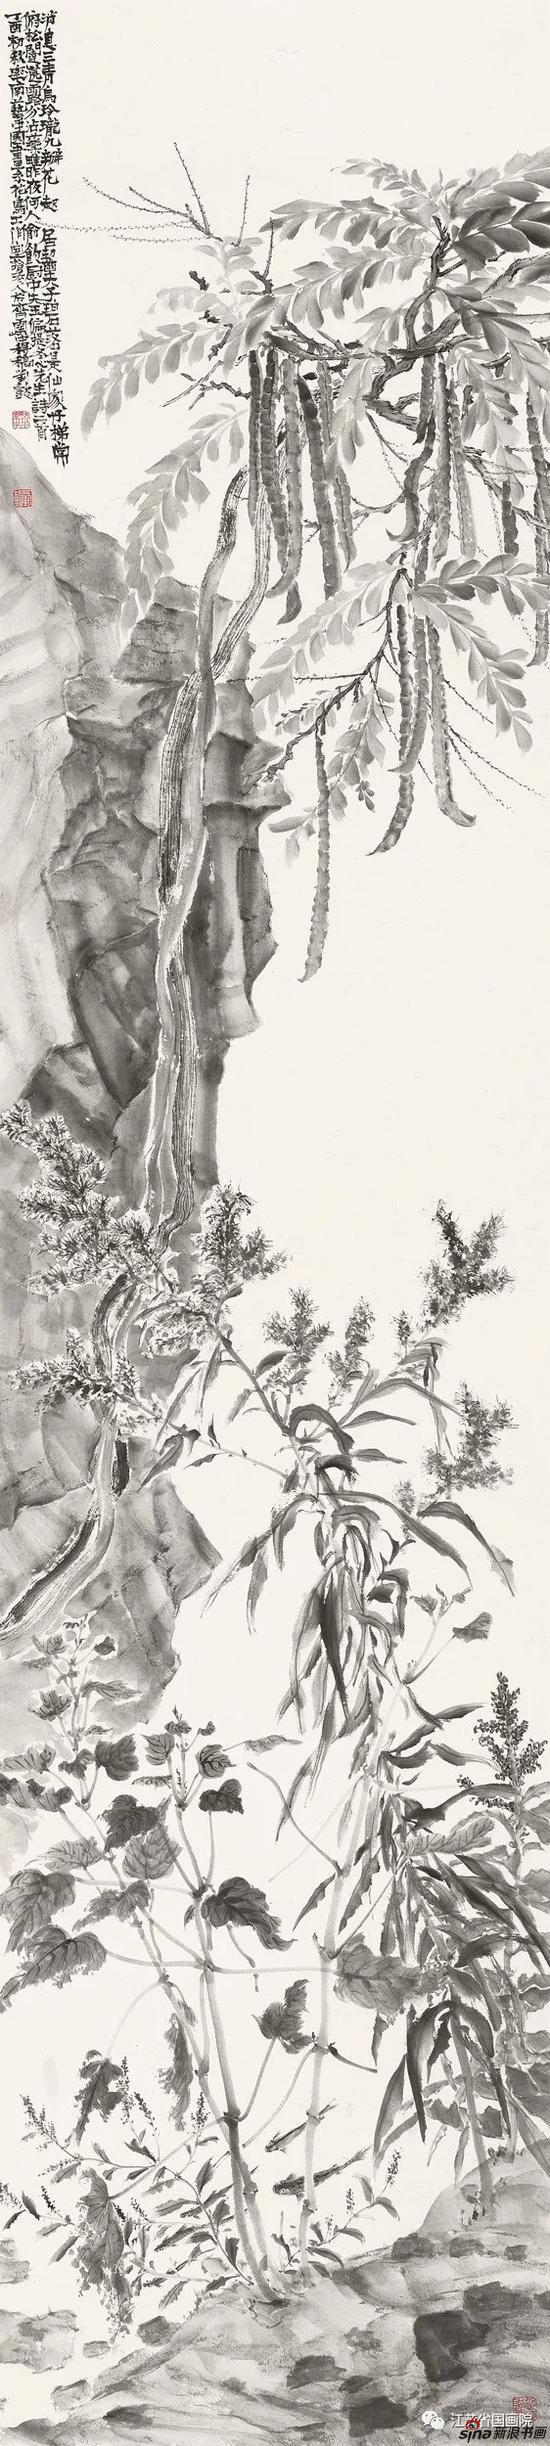 刘毅 《齐云·杂花之七》 234cm×53cm